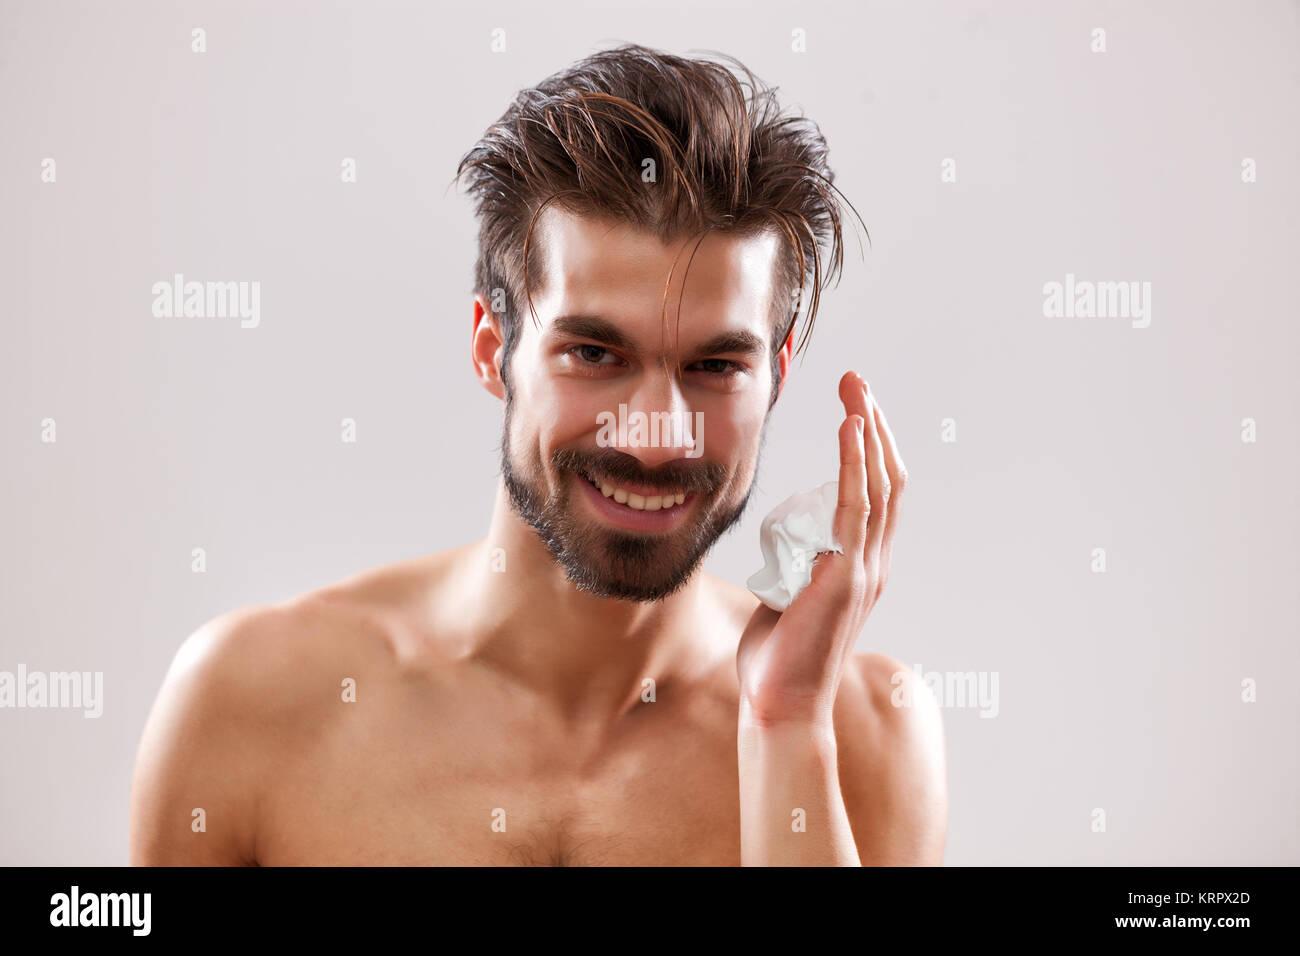 Giovane uomo bello è pronto per radersi la barba. Immagini Stock